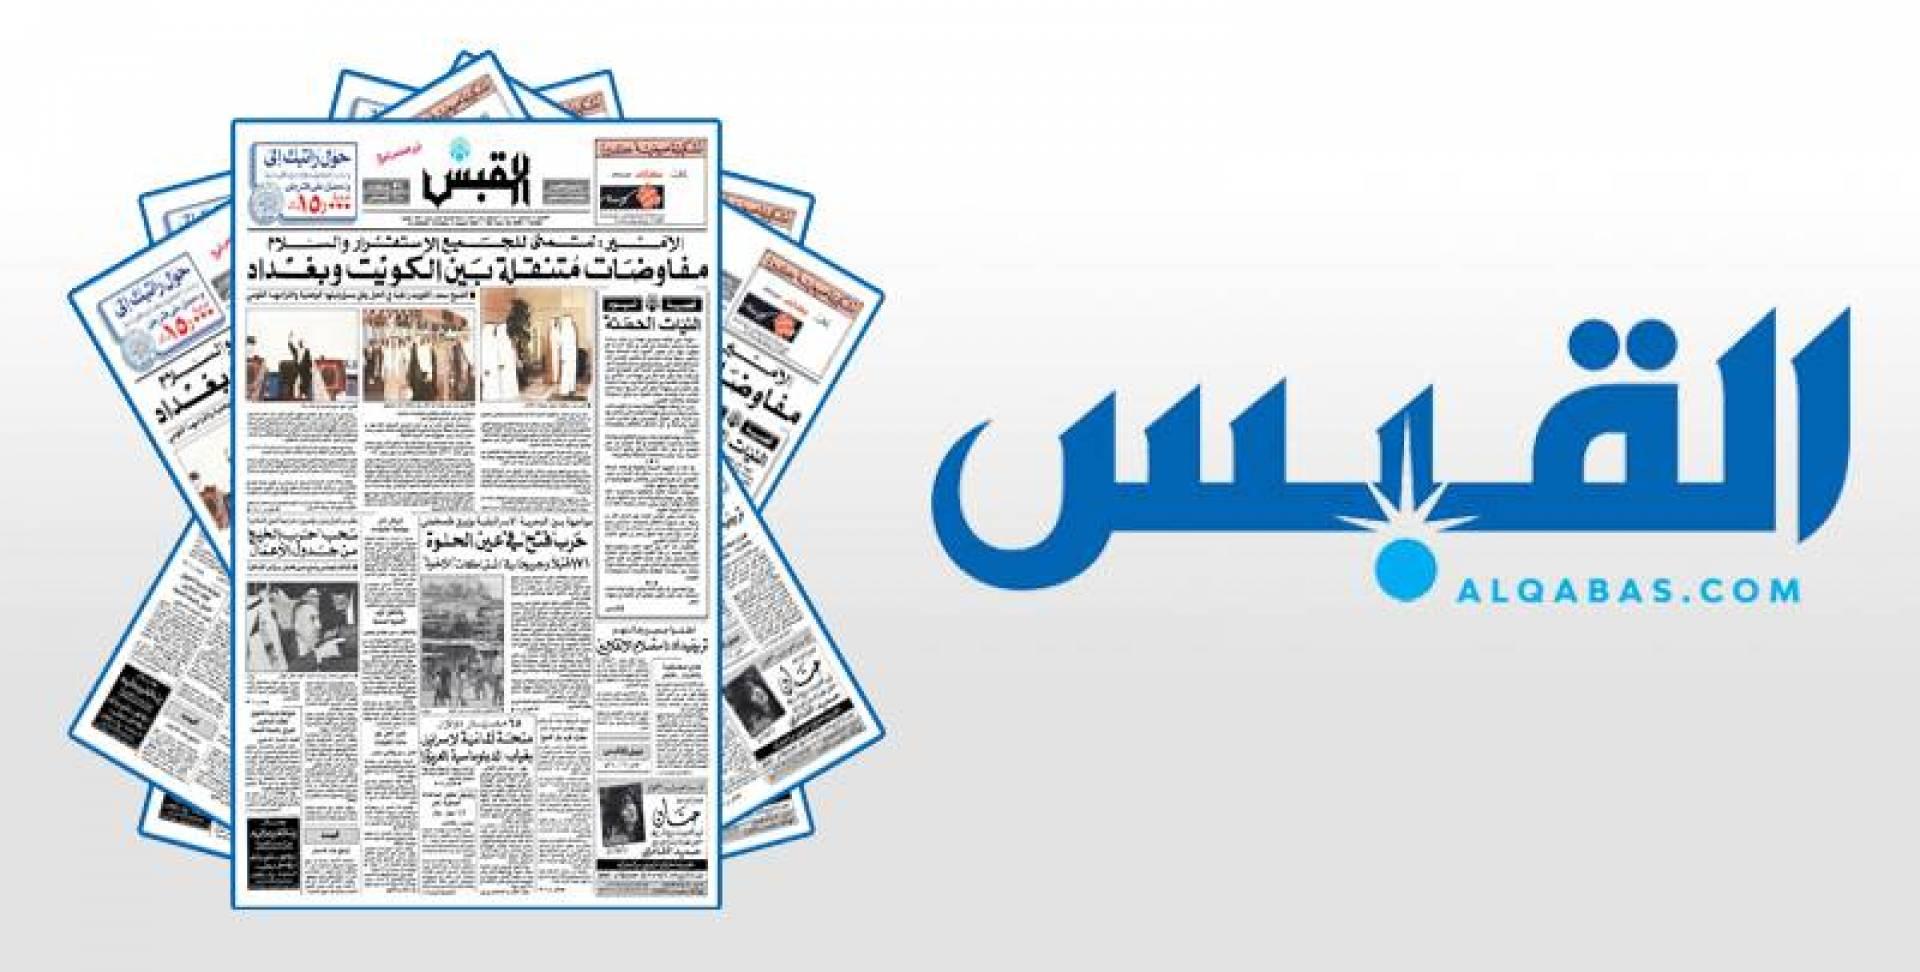 «القبس» تهديكم عددها التاريخي والنادر الذي صدر صبيحة يوم الغزو بصيغة الـ «PDF»